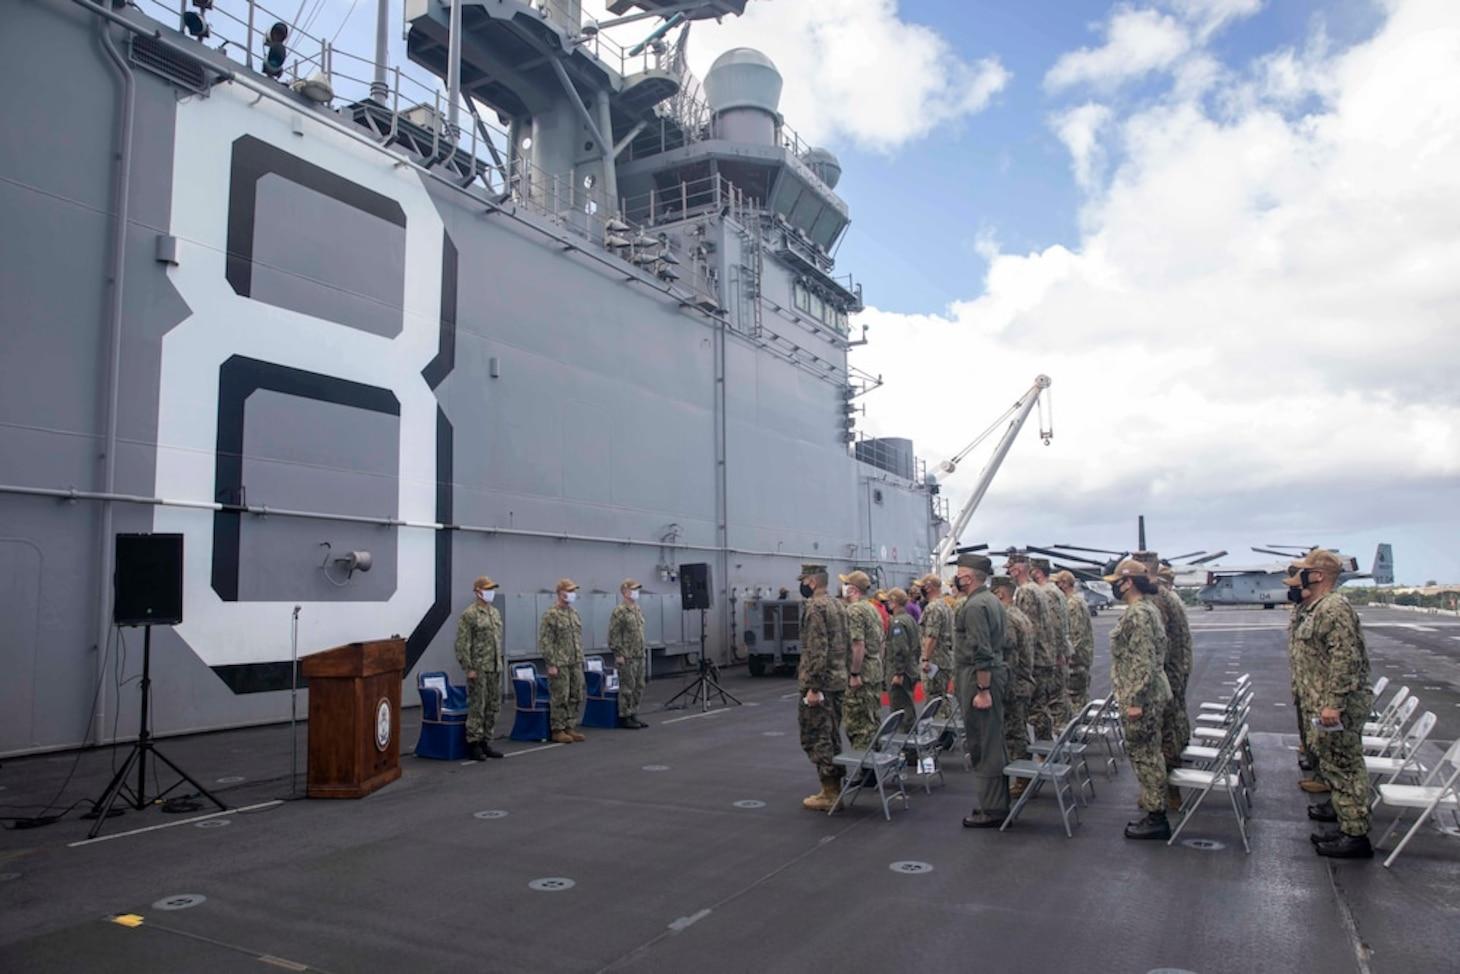 USS Making Island (LHD 8)